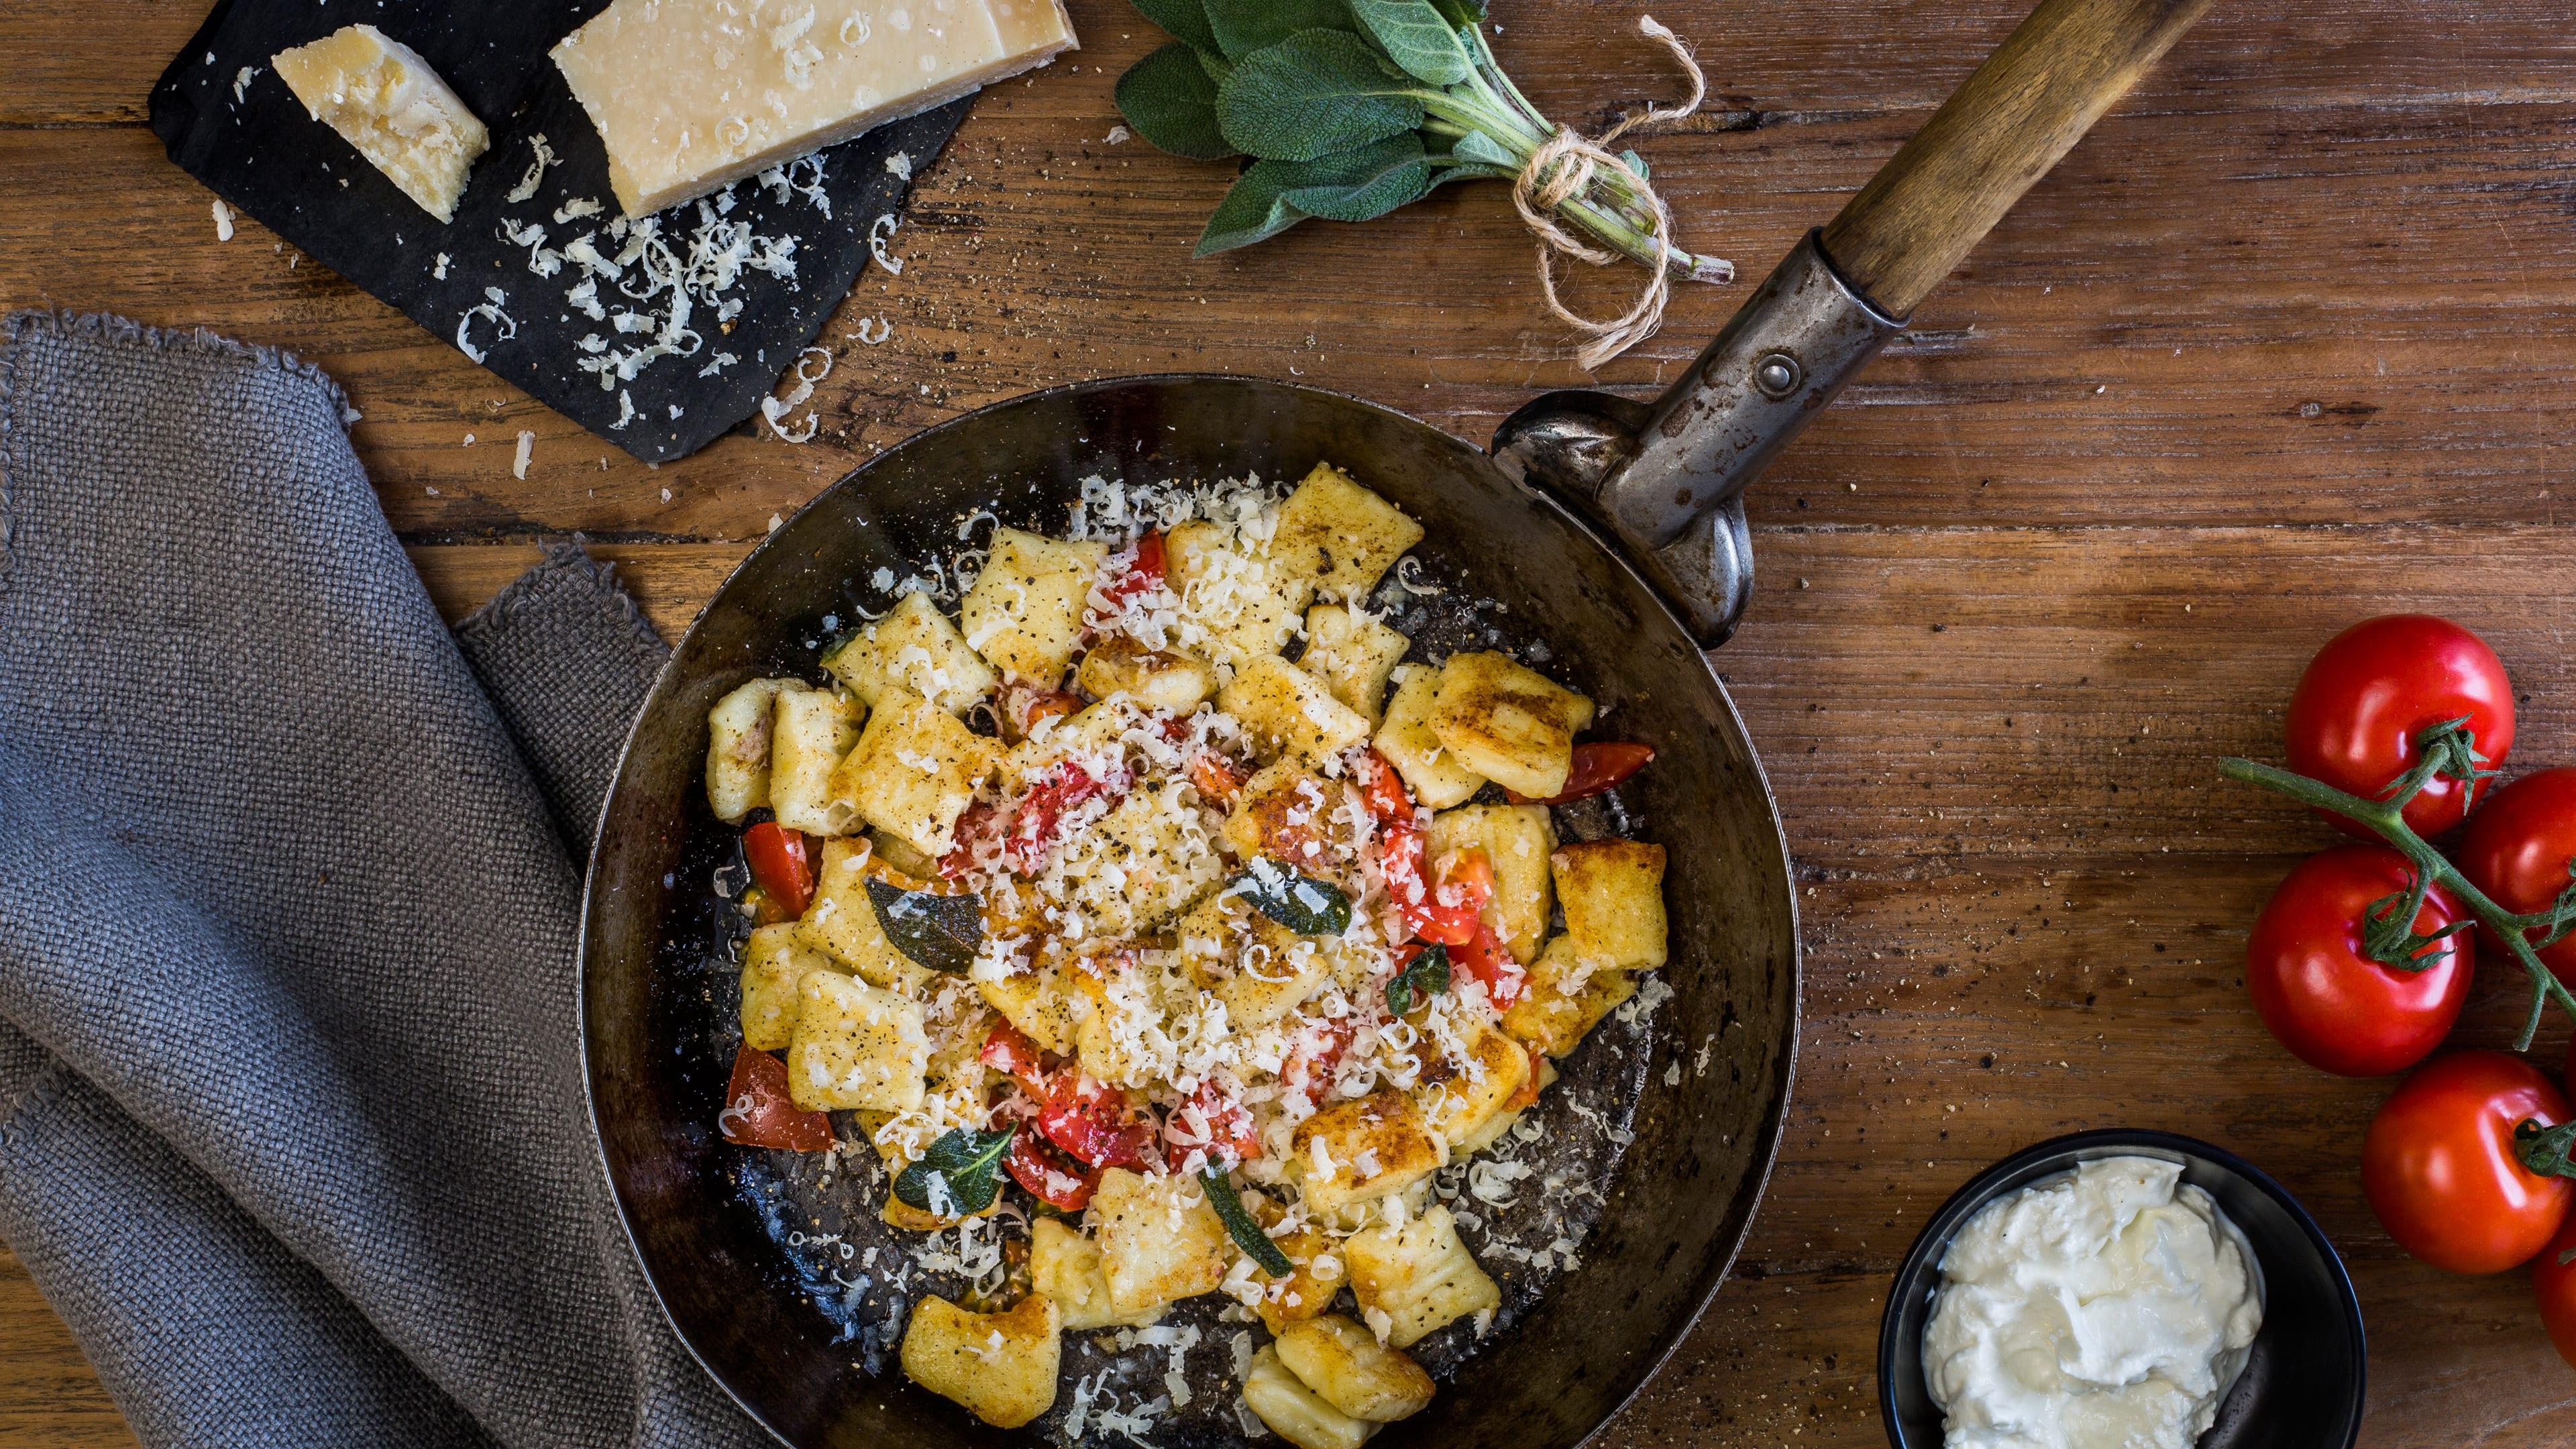 Best Leichte Mediterrane Küche Rezepte Photos - Ridgewayng.com ...